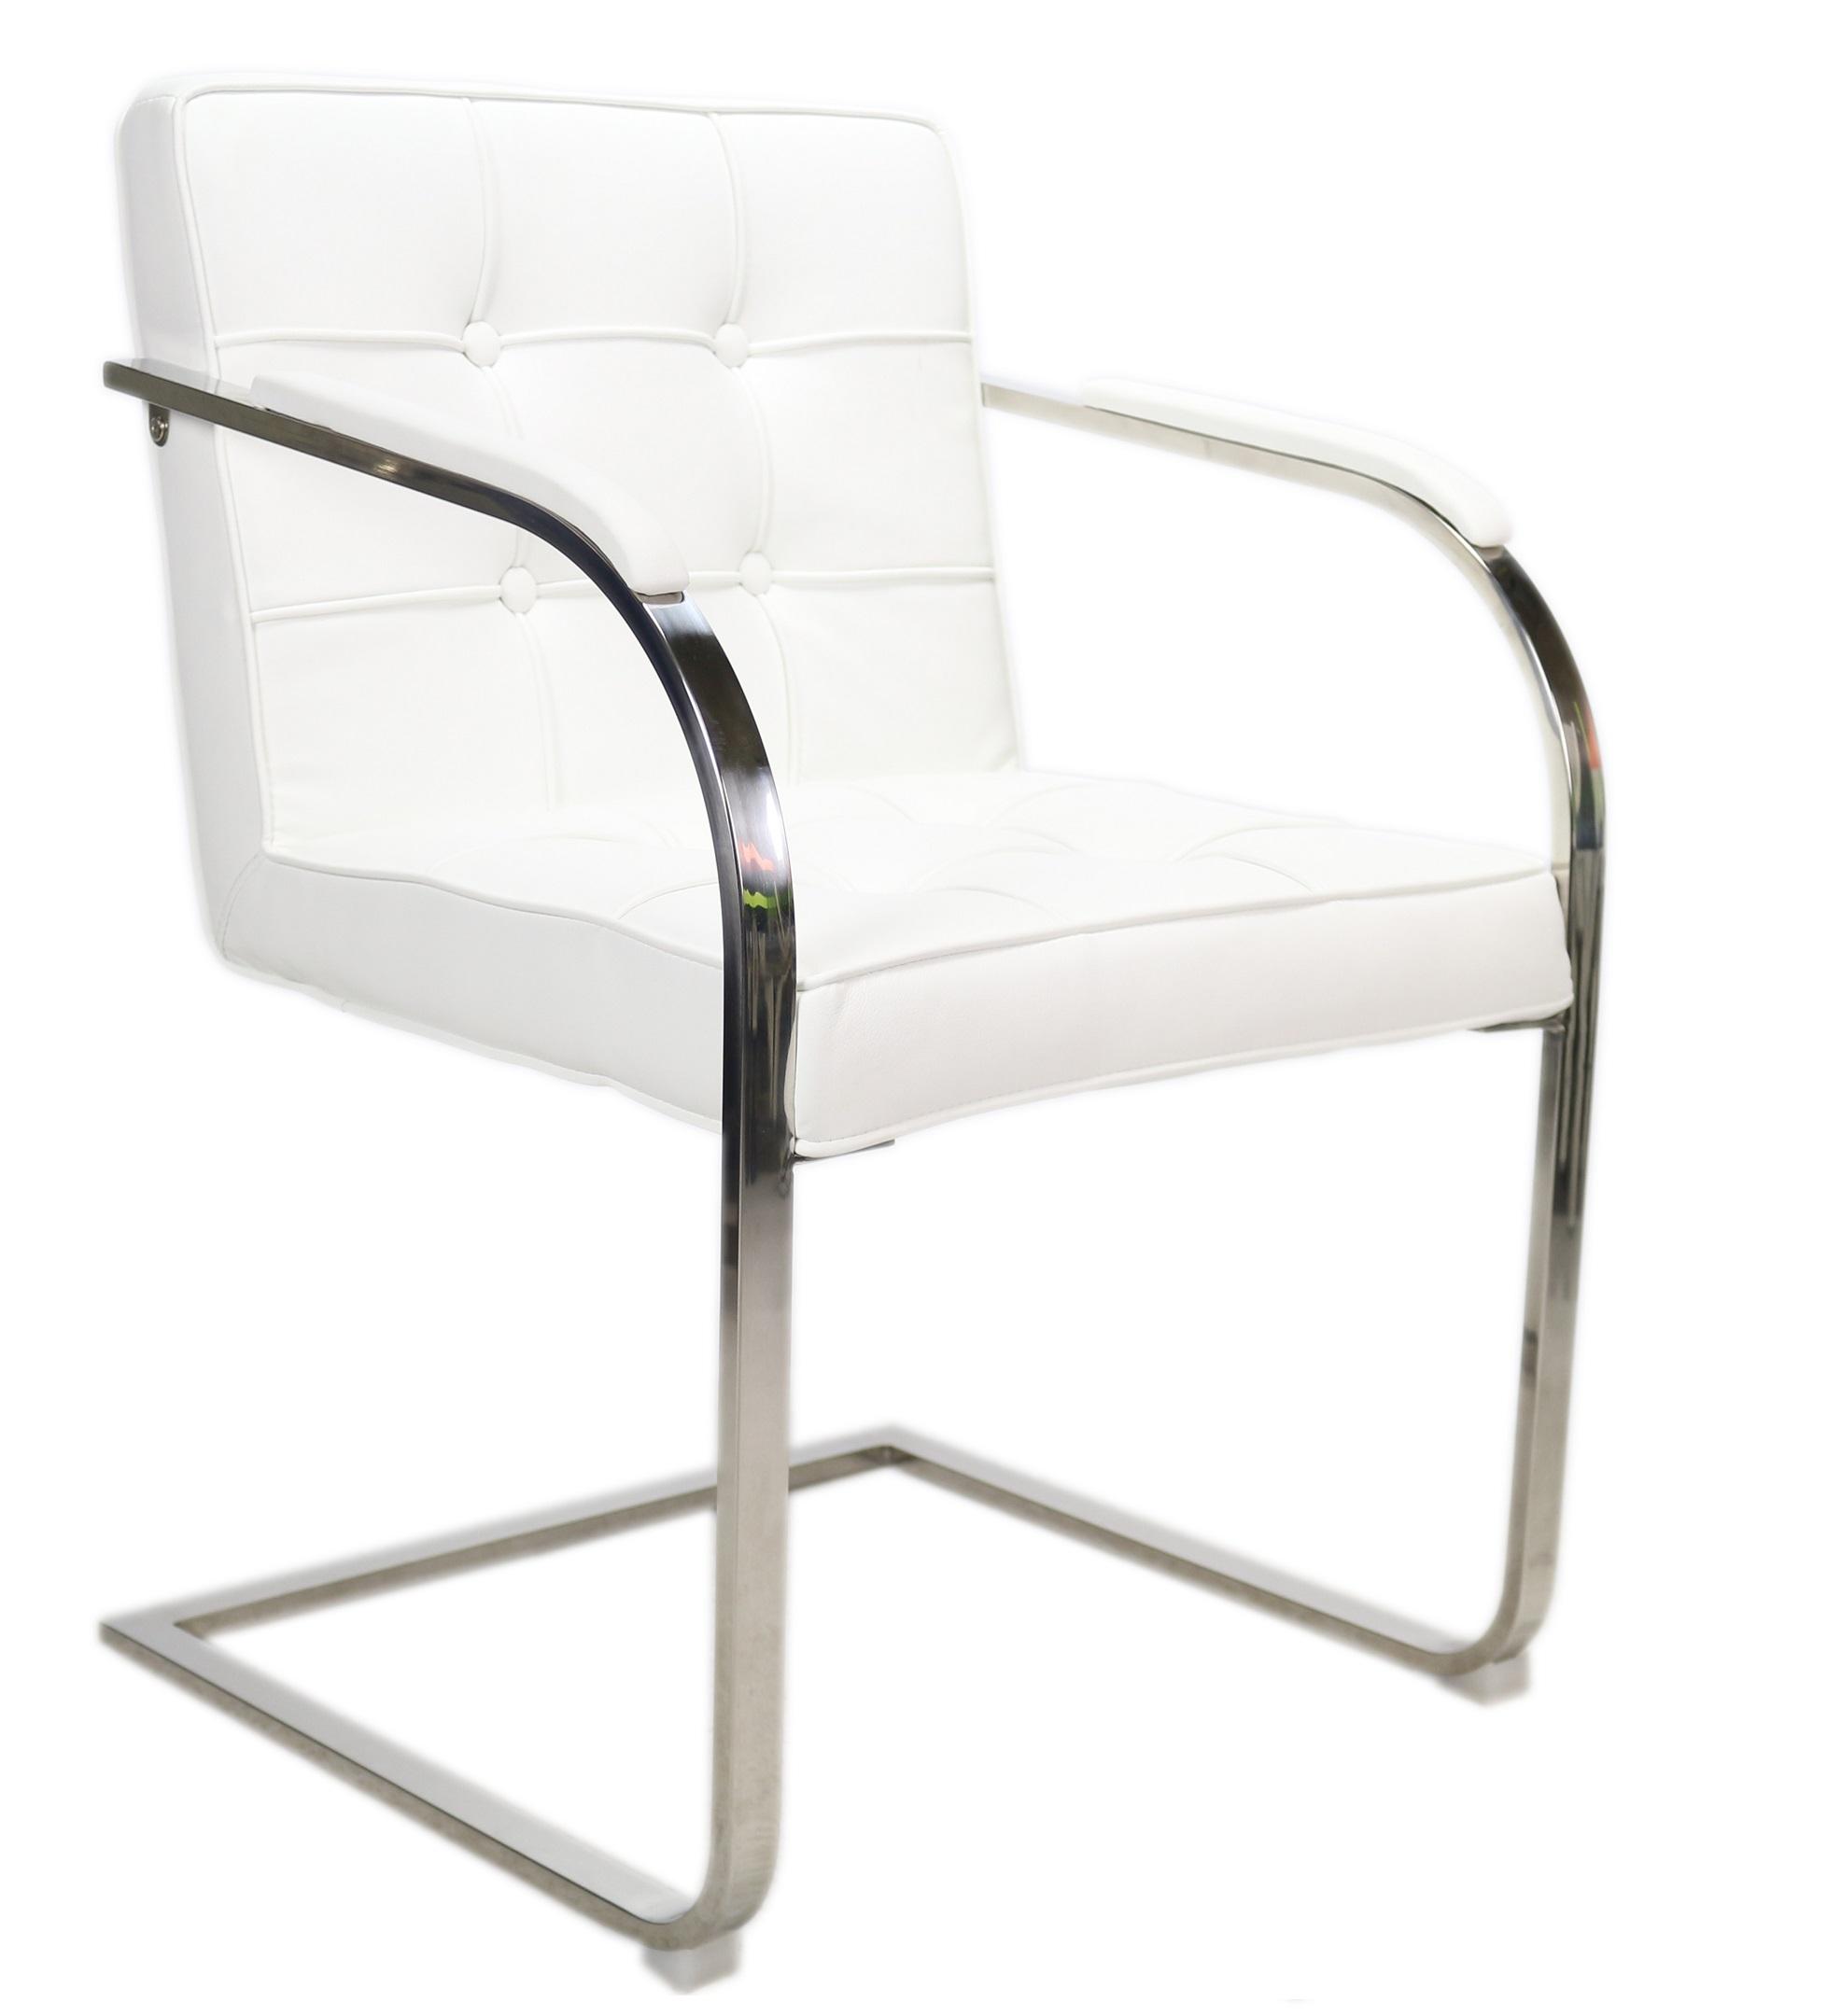 9vaks bauhaus armstoel webshop aanbiedingen for Bauhaus stoelen aanbieding